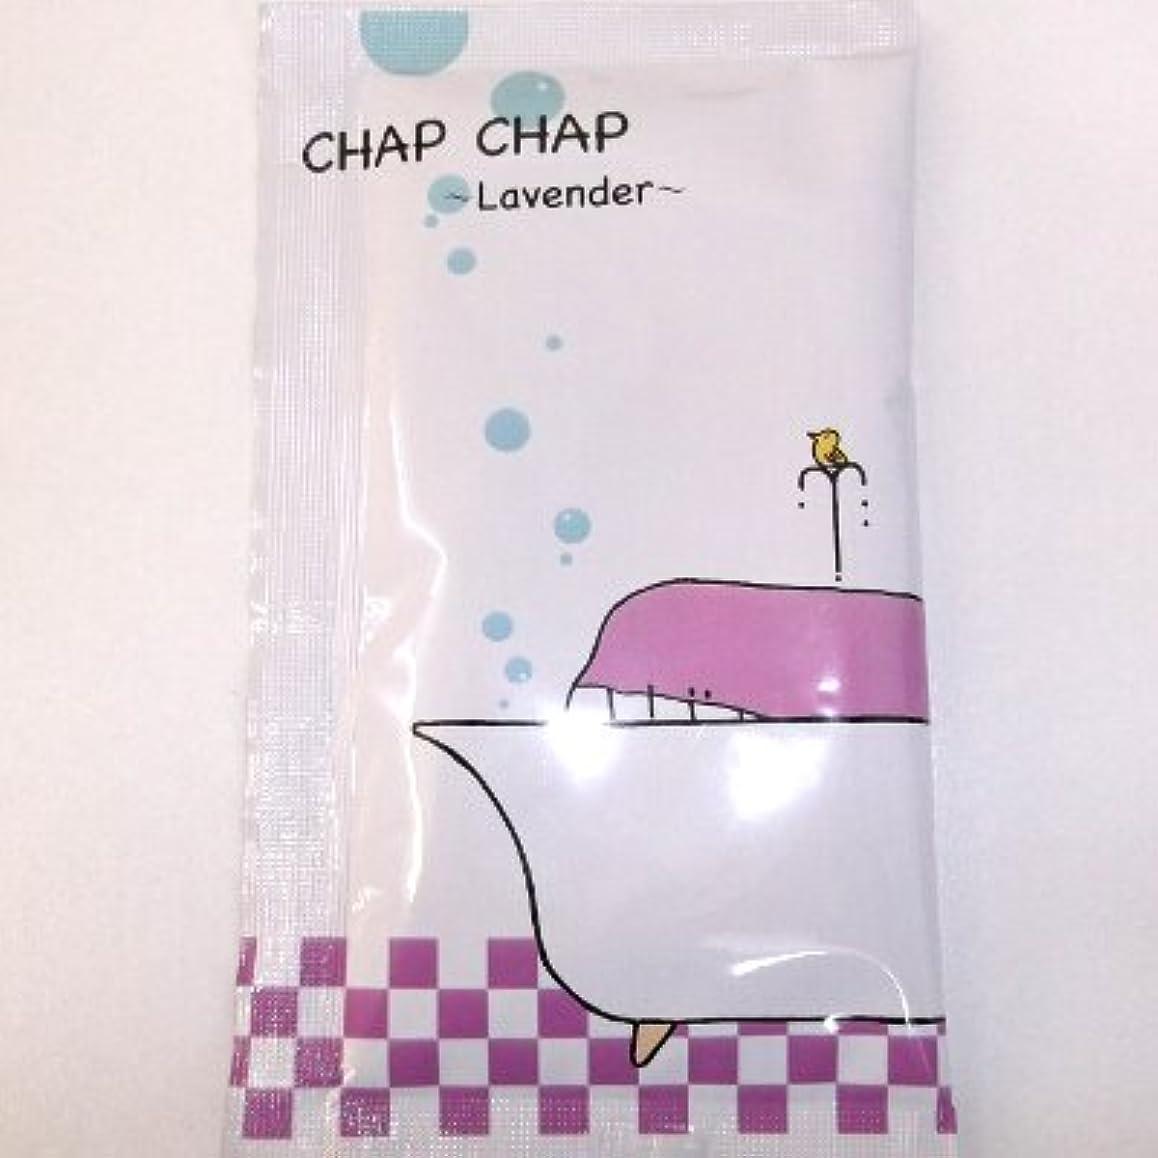 計り知れない確認してください罪CHAP CHAP ラベンダーオイルの香り